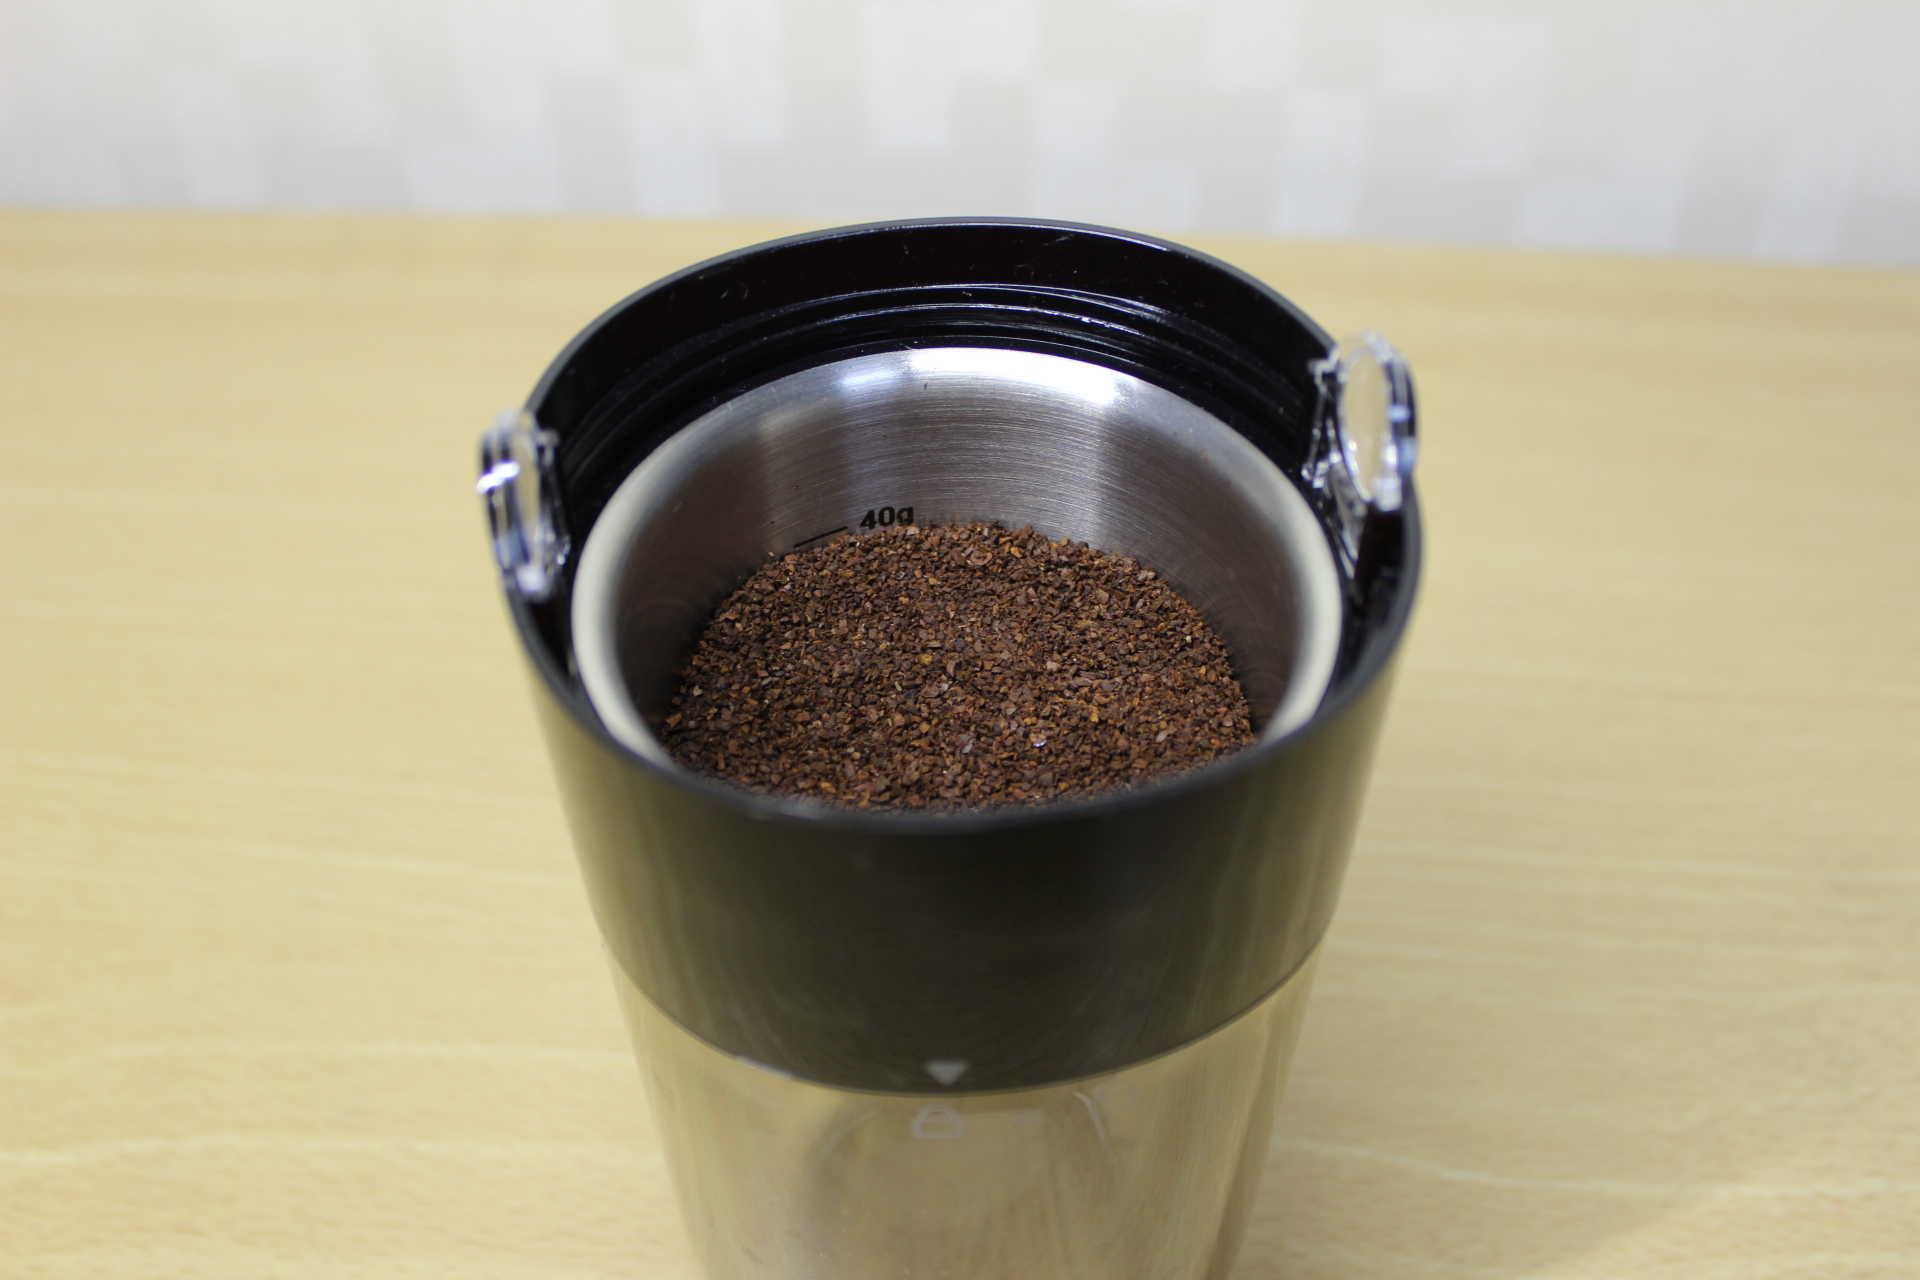 コールドブリューが作れるWiswell Water Dripperのコーヒーバスケットに入れたコーヒーパウダー